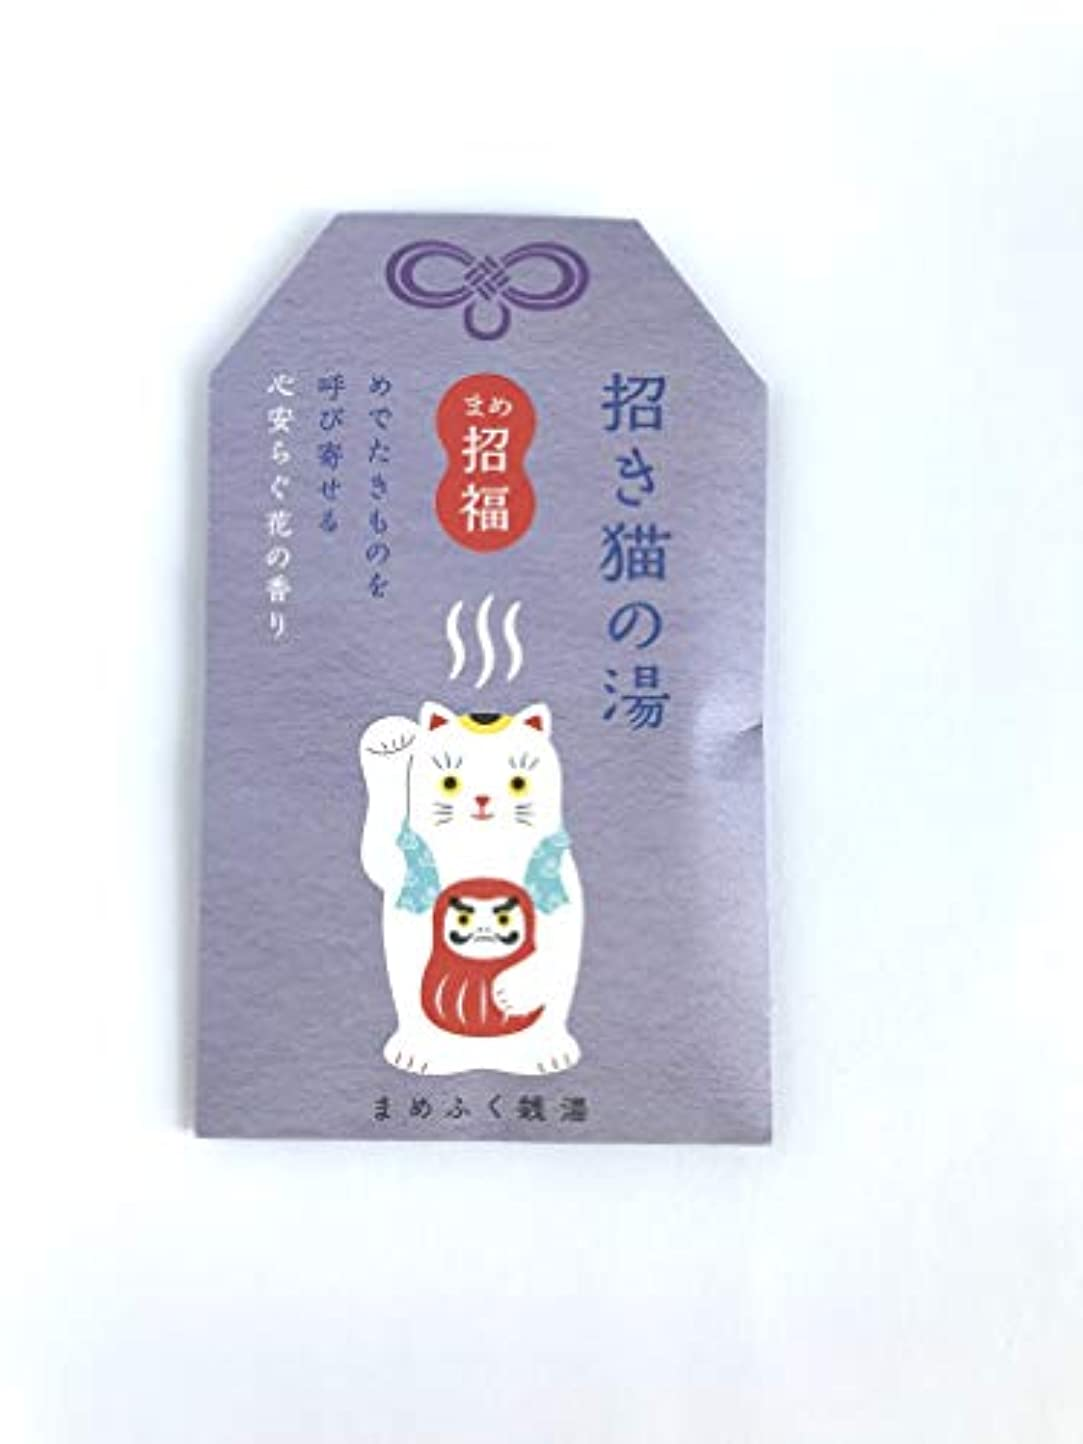 滑るリングレットいじめっ子まめふく銭湯 [医薬部外品]《ちっちゃくて愛らしい縁起物たちの入浴剤》招き猫の湯